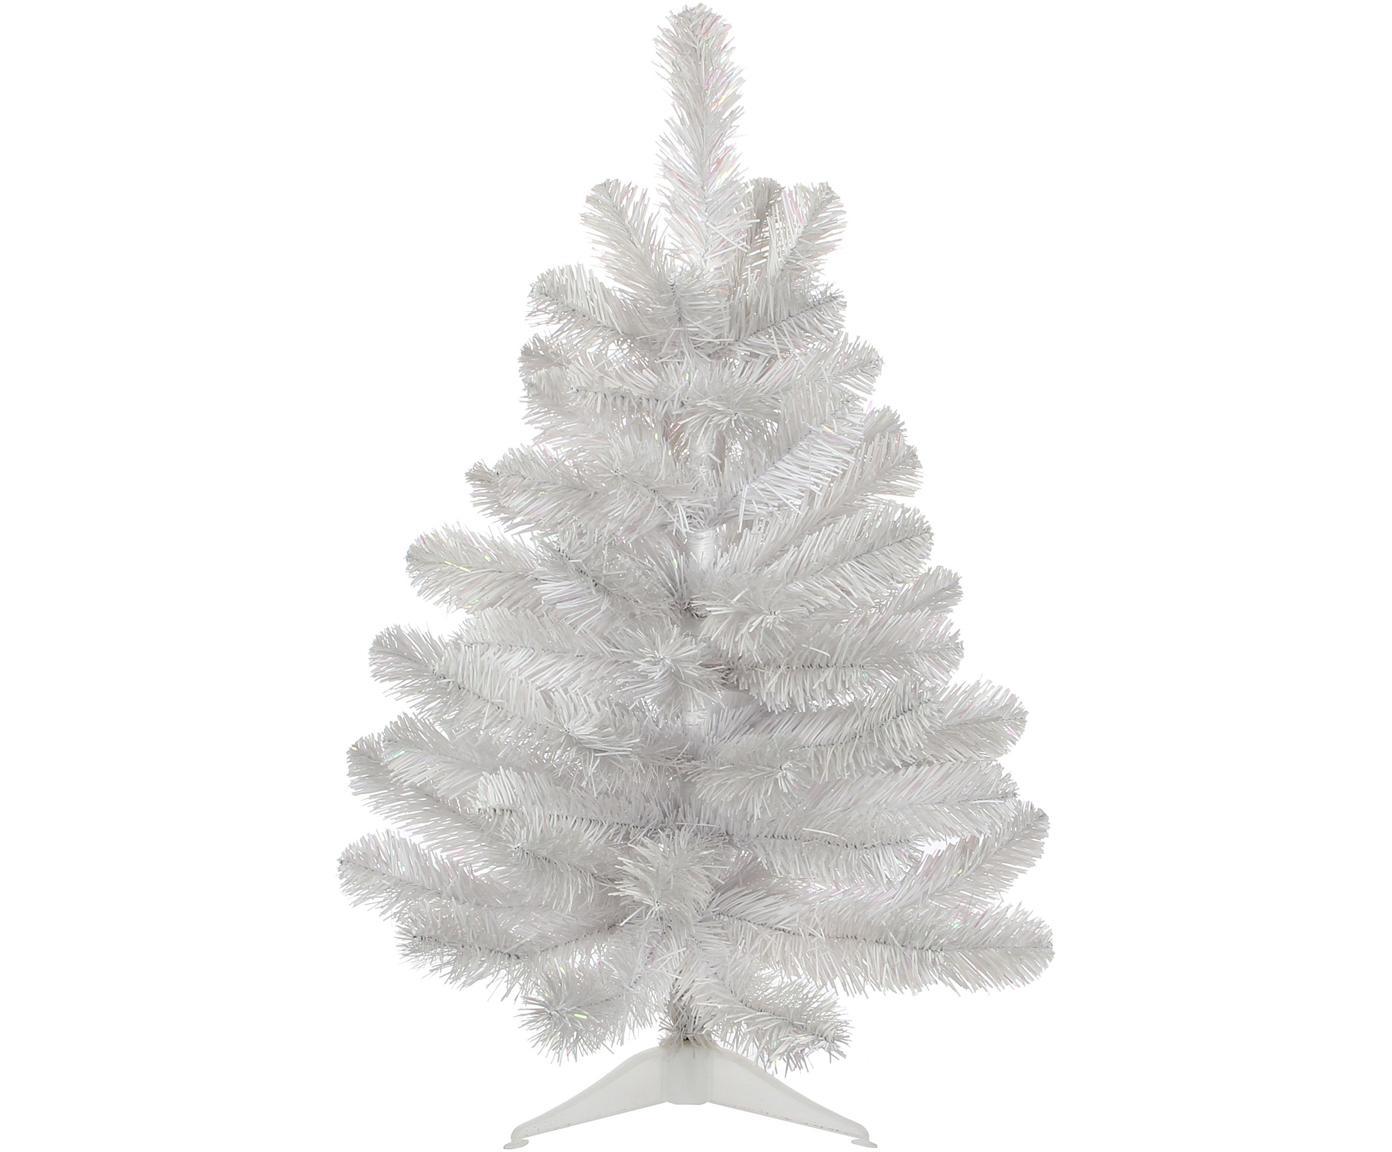 Künstlicher Weihnachtsbaum Icelandic, Kunststoff (PVC), Weiß, irisierend, Ø 46 x H 60 cm